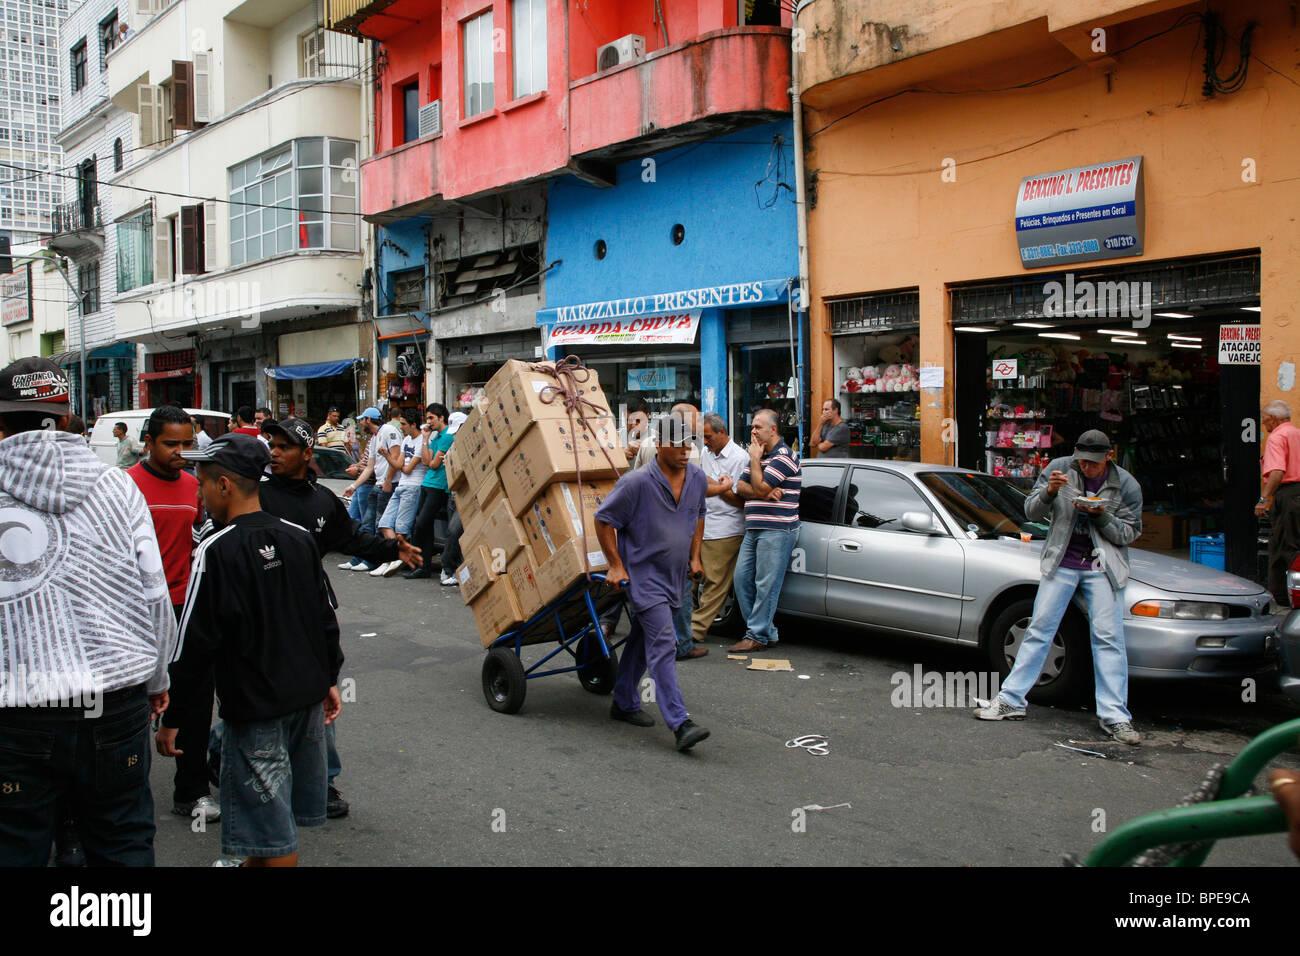 Escena callejera en el centro de Sao Paulo, Brasil. Imagen De Stock